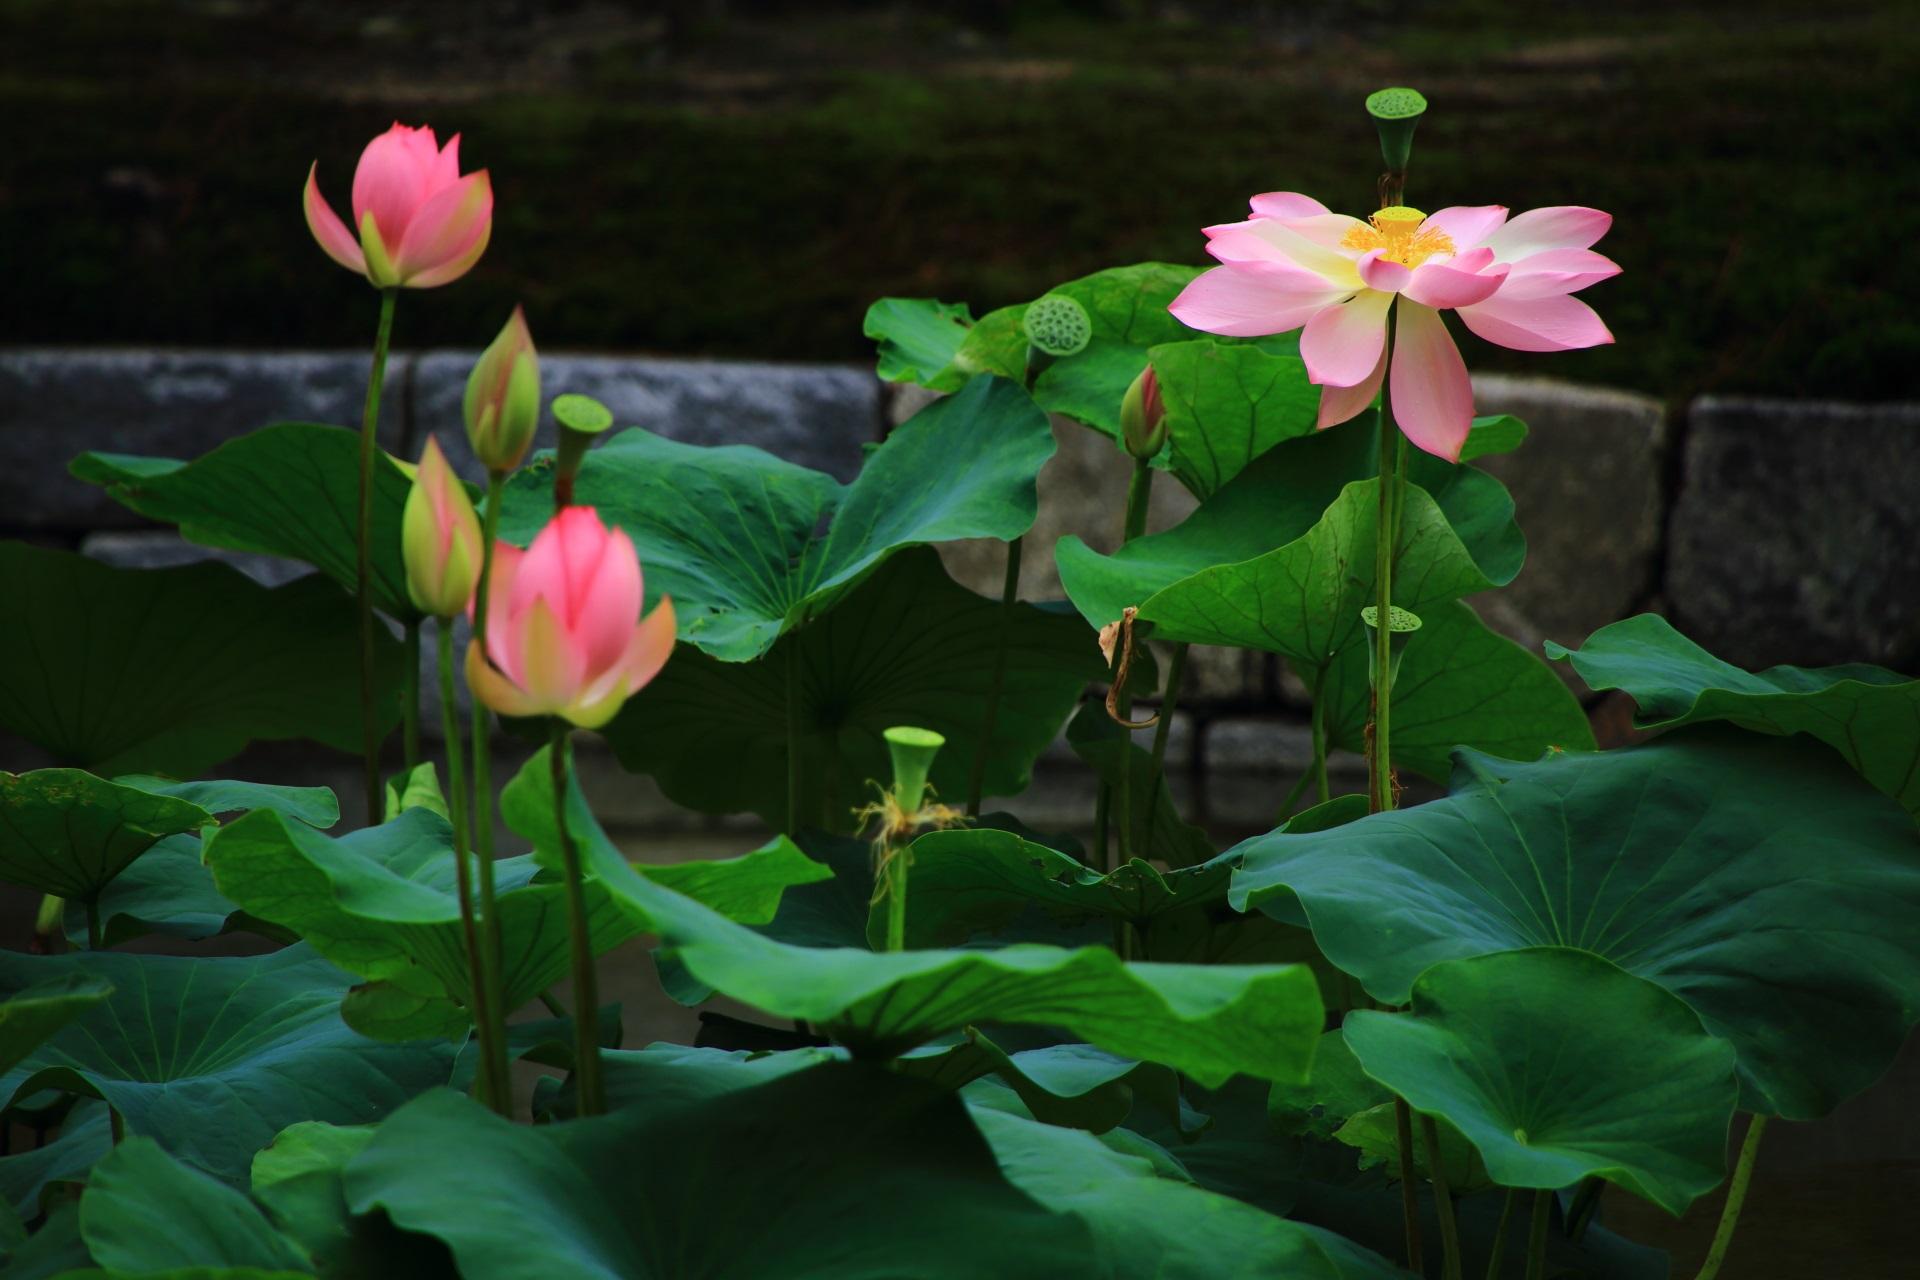 蓮の葉の深い緑に映える華やかなピンクの花